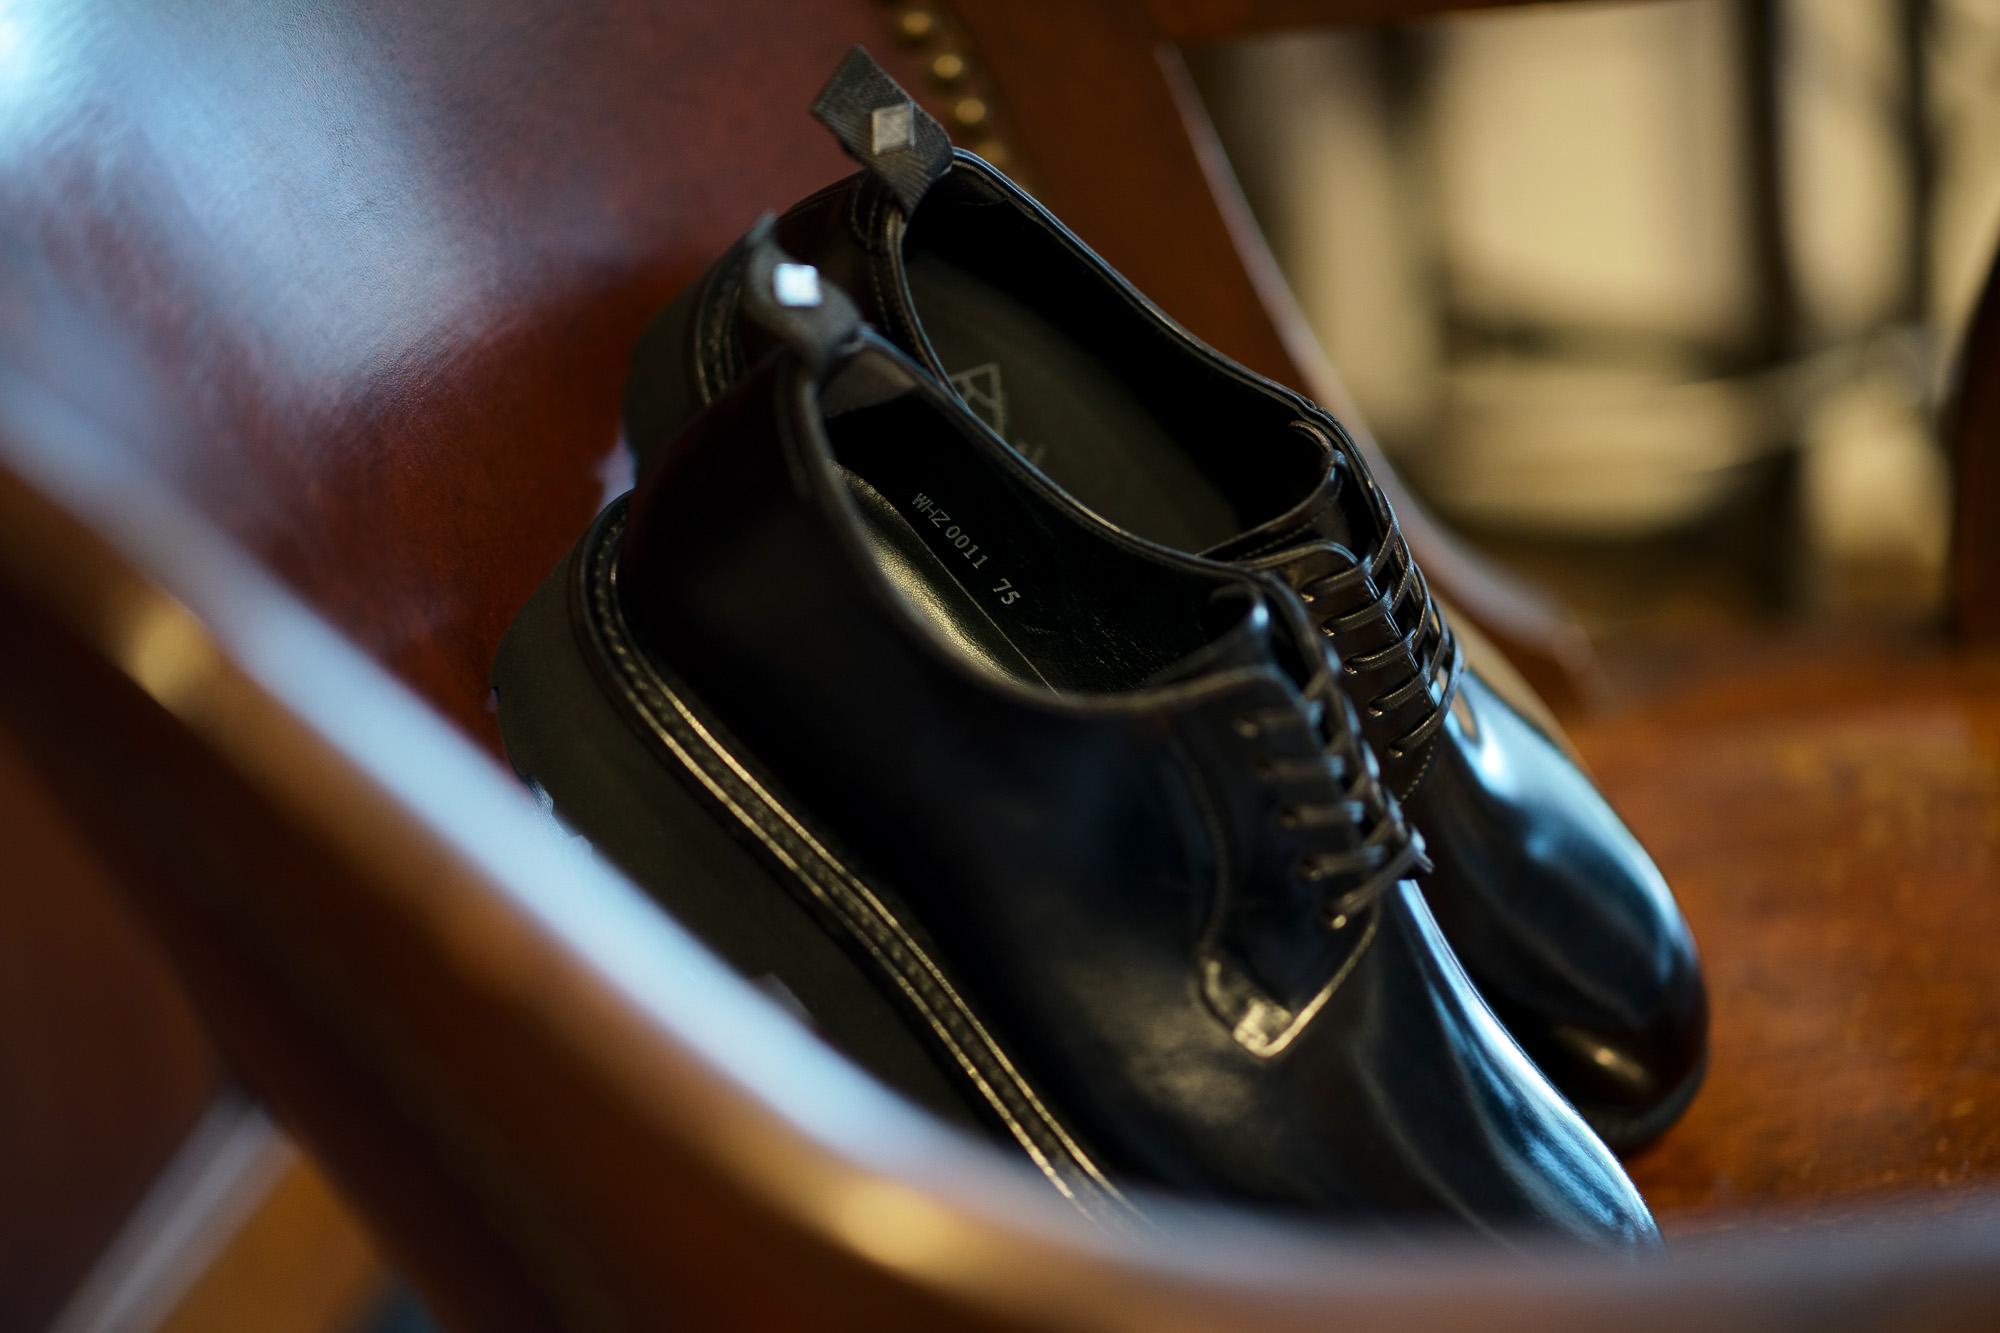 WH (ダブルエイチ) WHZ-0010 Cordovan Plane Toe Shoes (干場氏 スペシャル Zモデル) Birdie Last (バーディラスト) Shell Cordovan シェルコードバンレザー プレーントゥシューズ BLACK (ブラック) MADE IN JAPAN (日本製) 2019 秋冬新作 【Special限定モデル】【第2便入荷】愛知 名古屋 alto e diritto altoediritto アルトエデリット